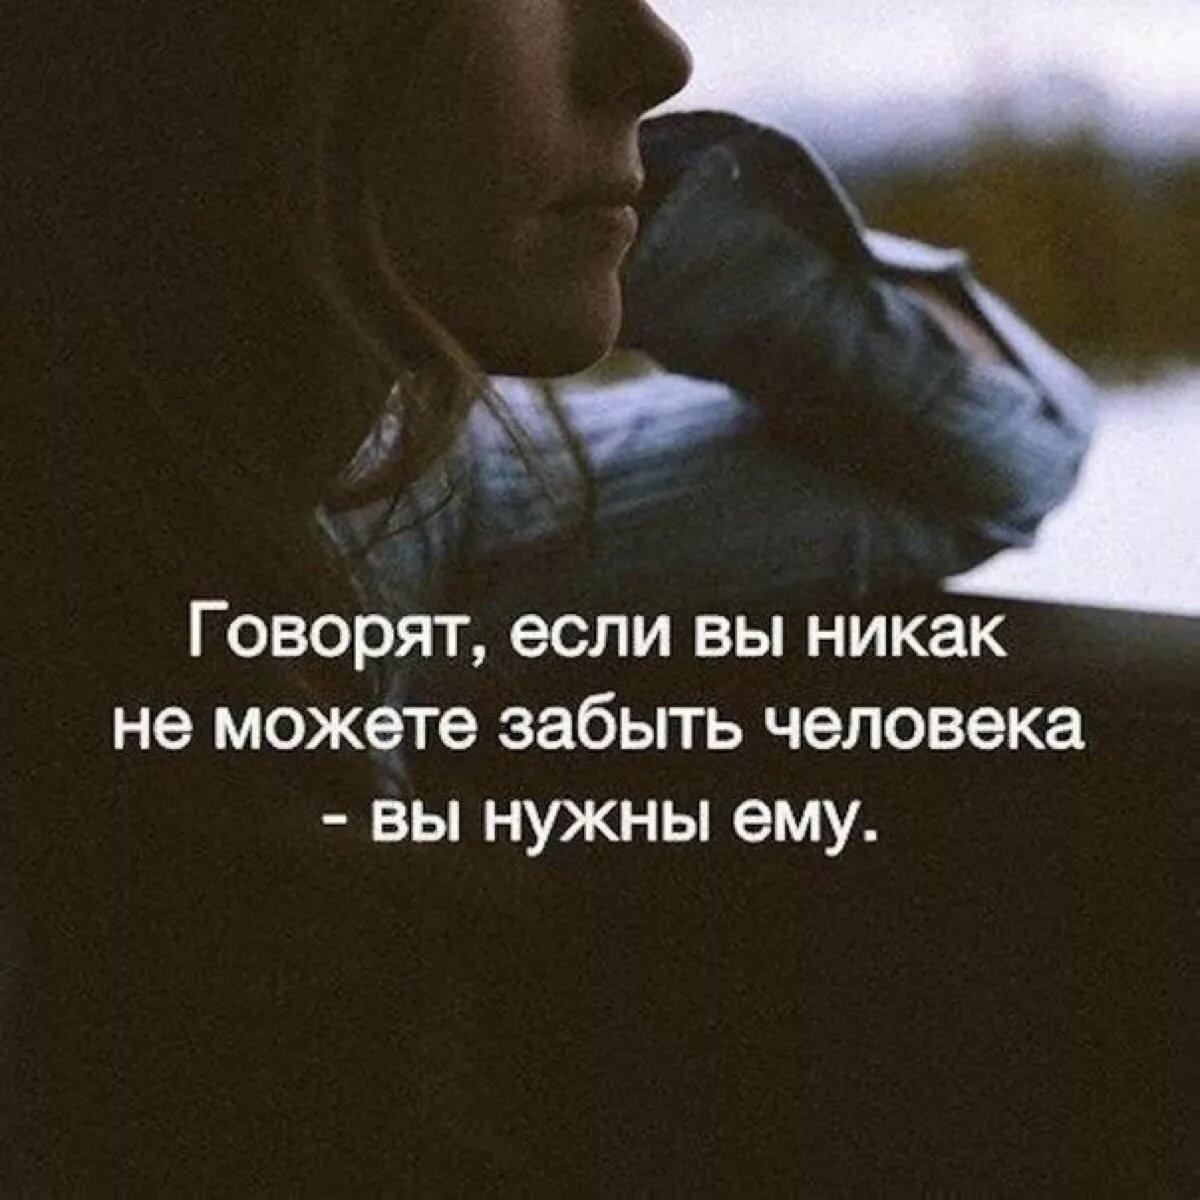 Гифы со словами про любовь со смыслом короткие до слез любимому, надписью